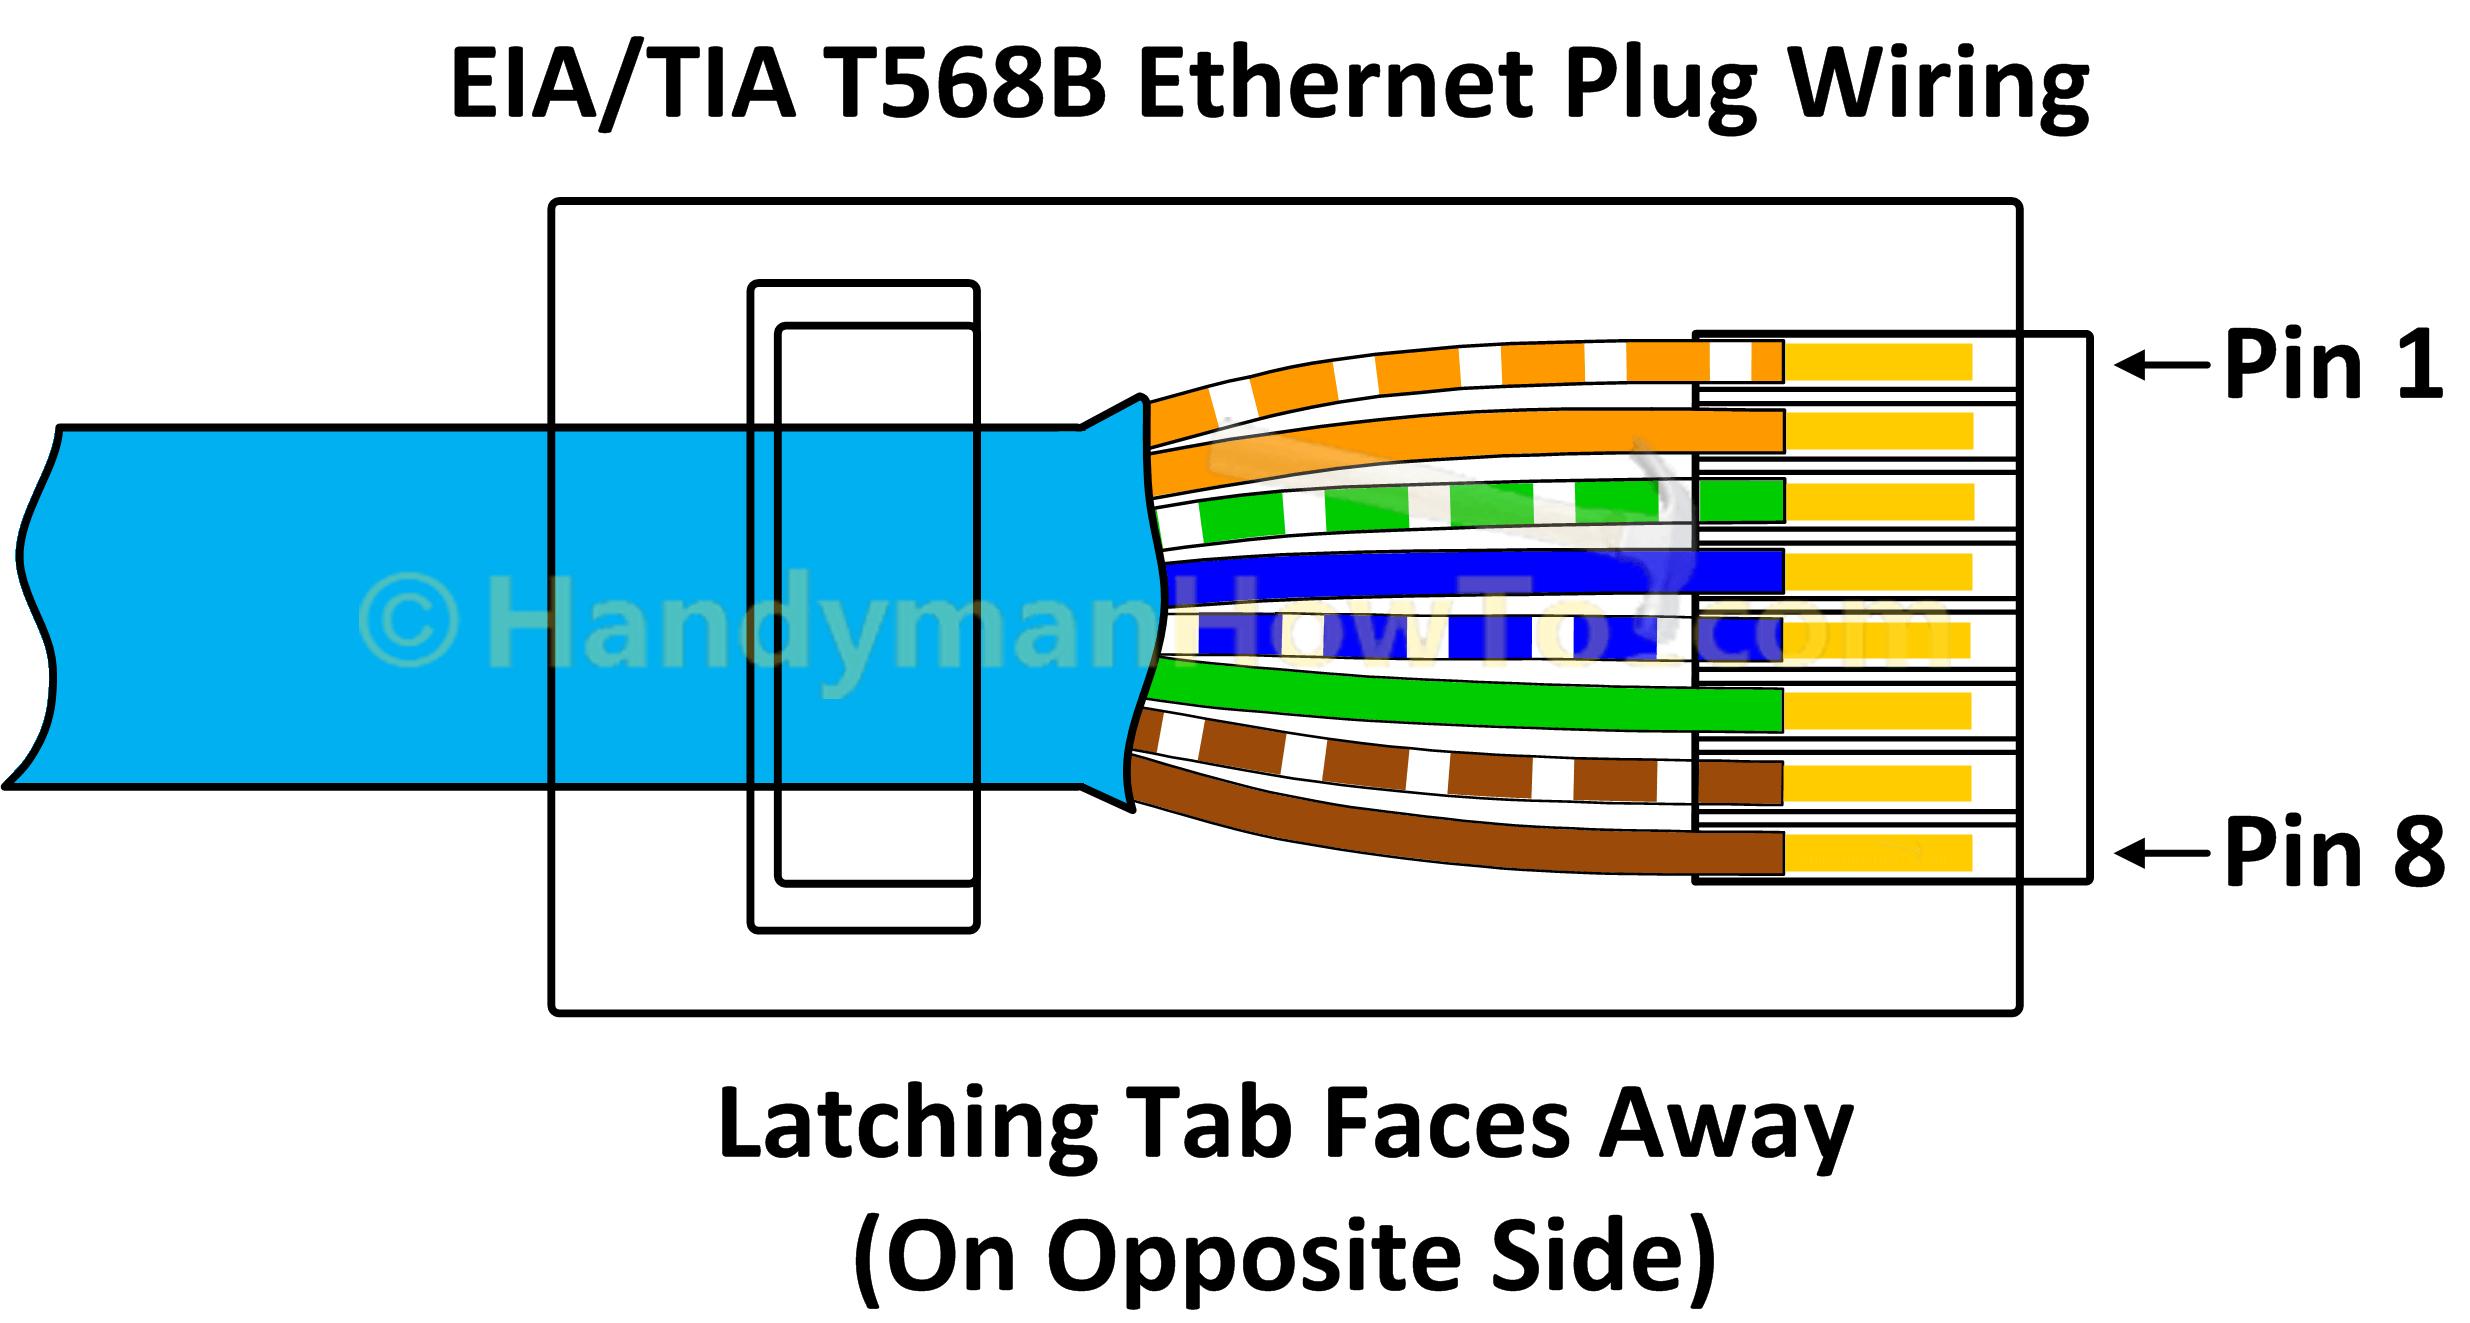 Rj45 Audio Wiring | Wiring Diagram - Dsl Wiring Diagram